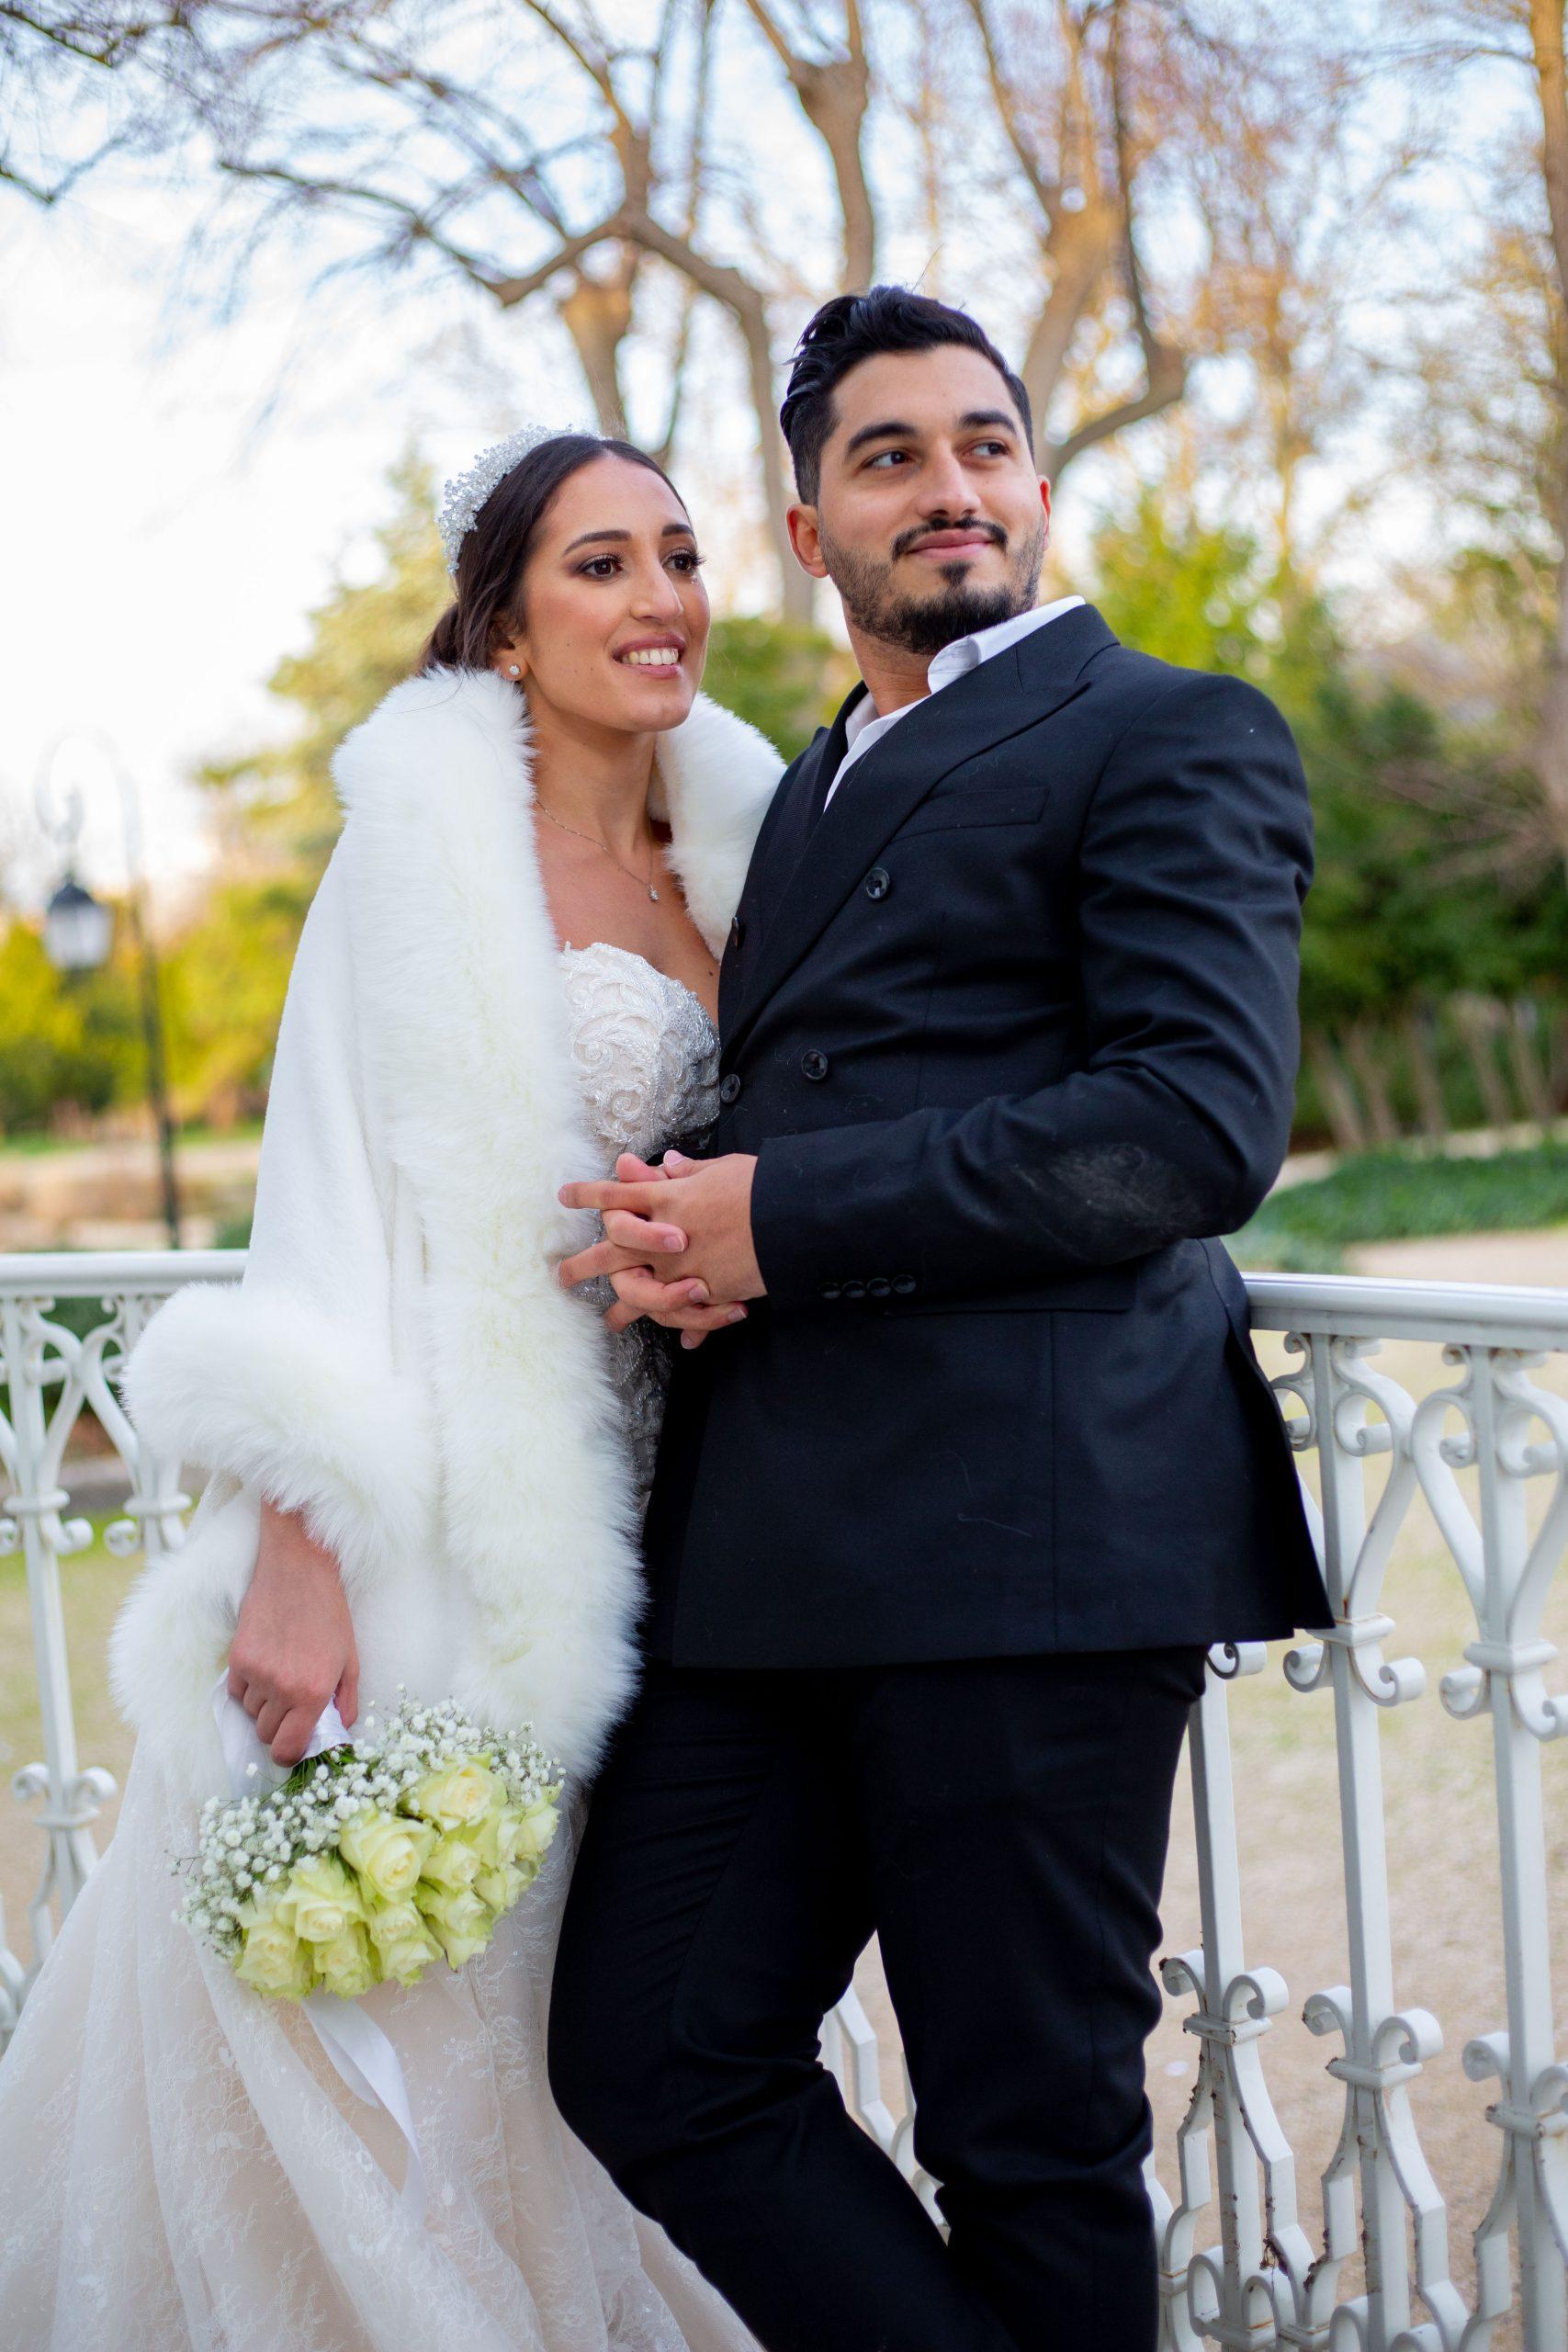 Mariage civil Ile de France - Photographe mariageIle de France original - mariage intime - séance couple - Paris